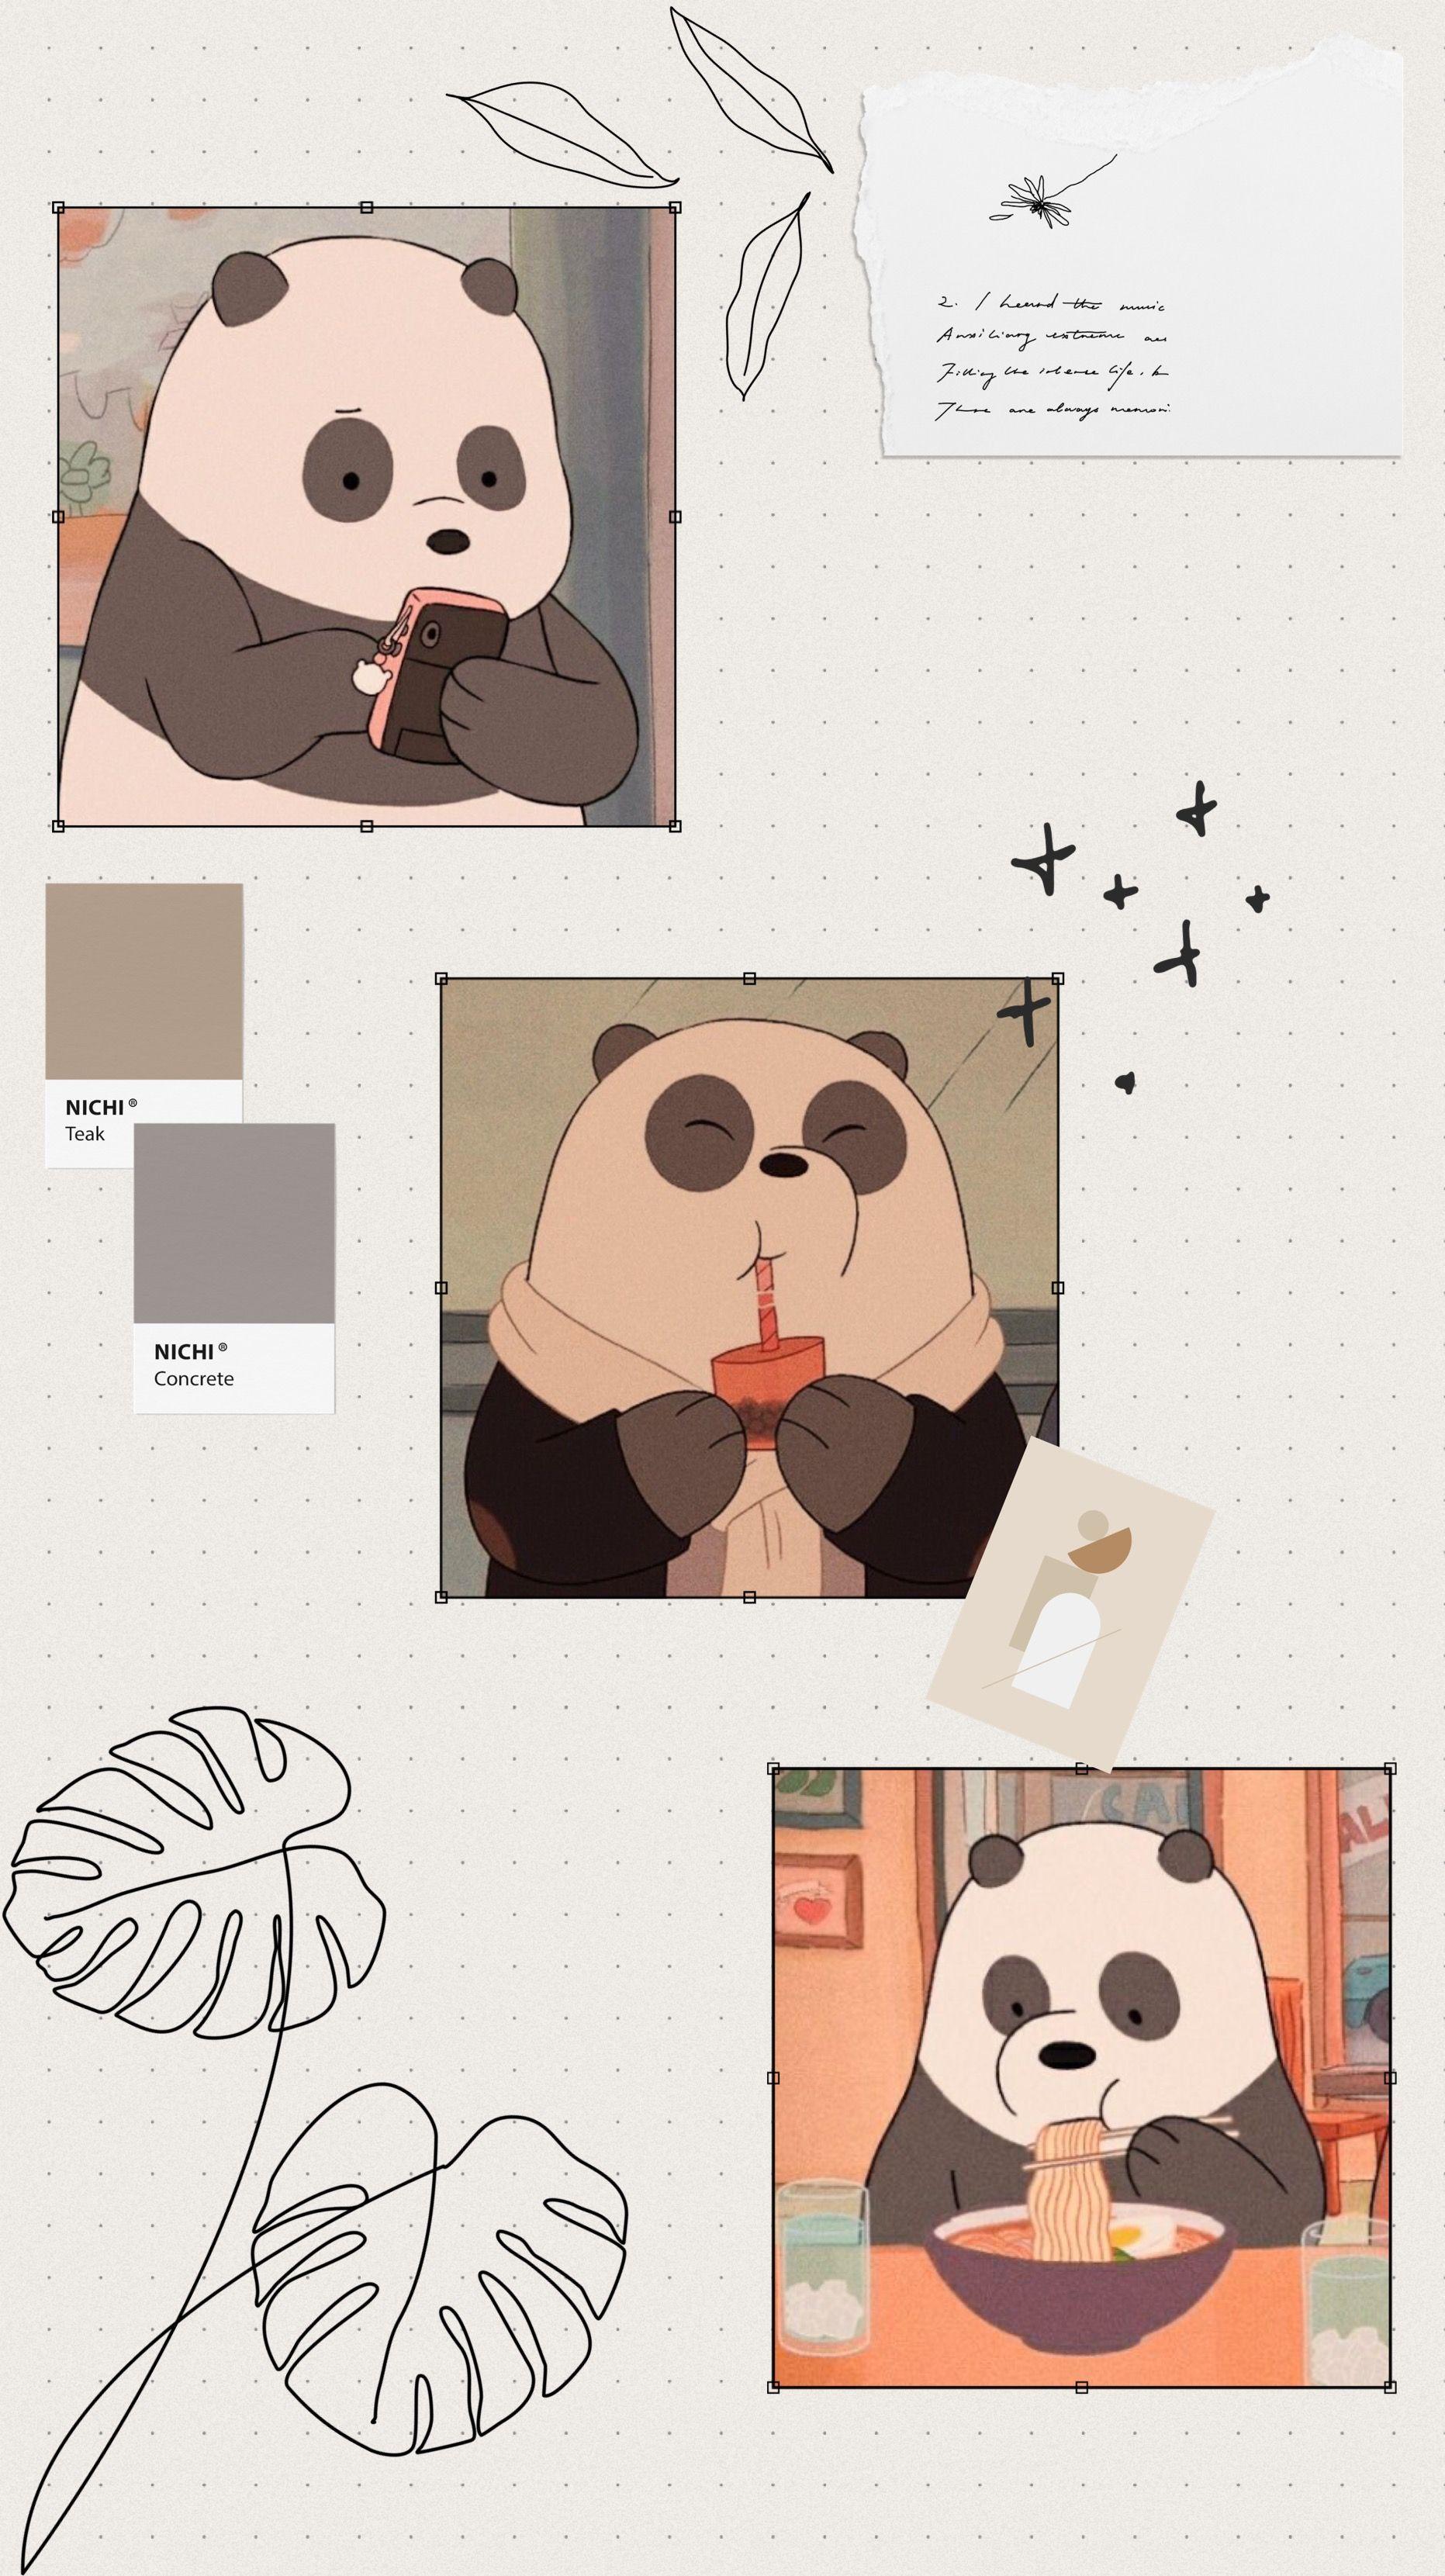 We Bare Bears Wallpaper In 2020 We Bare Bears Wallpapers Bear Wallpaper Cute Panda Wallpaper